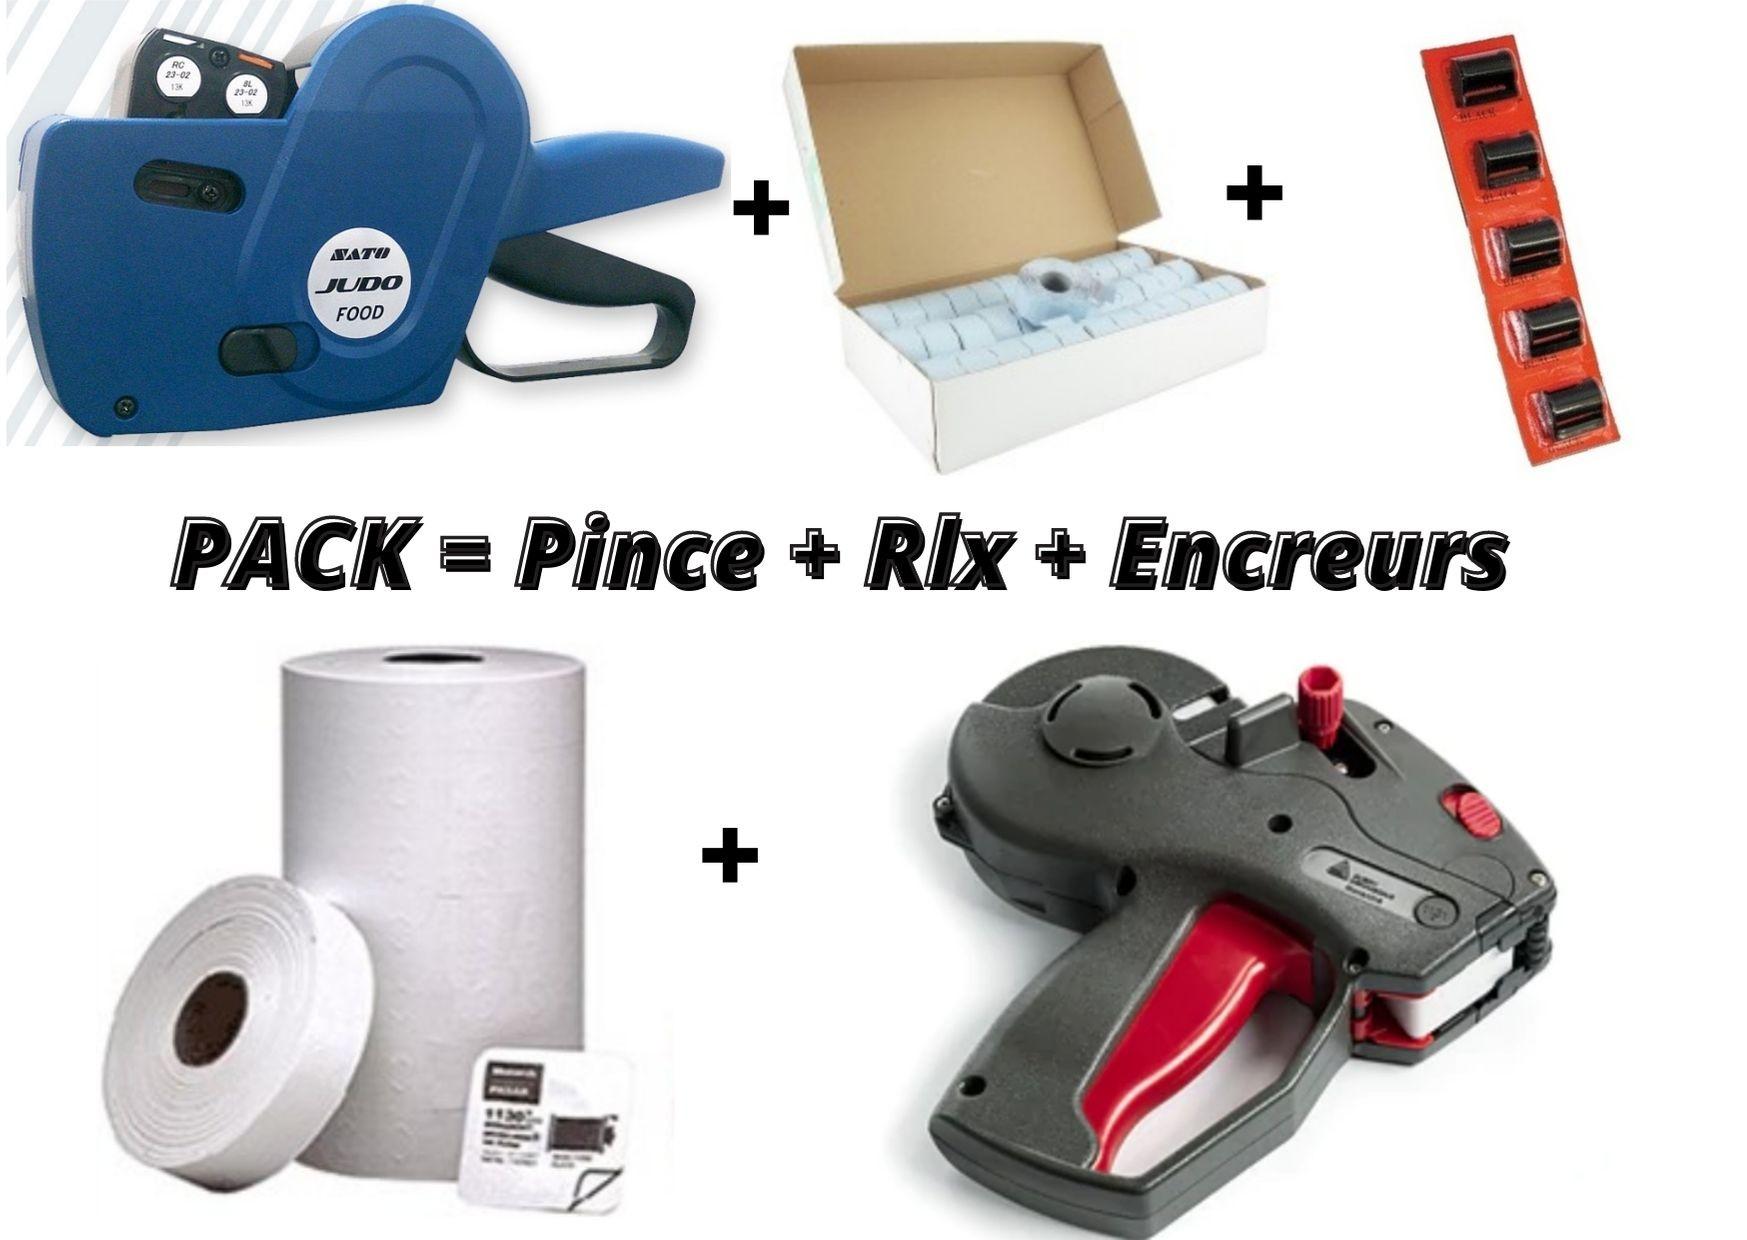 LES PACKS COMPLETS : Pince + Etiquettes + Encreurs